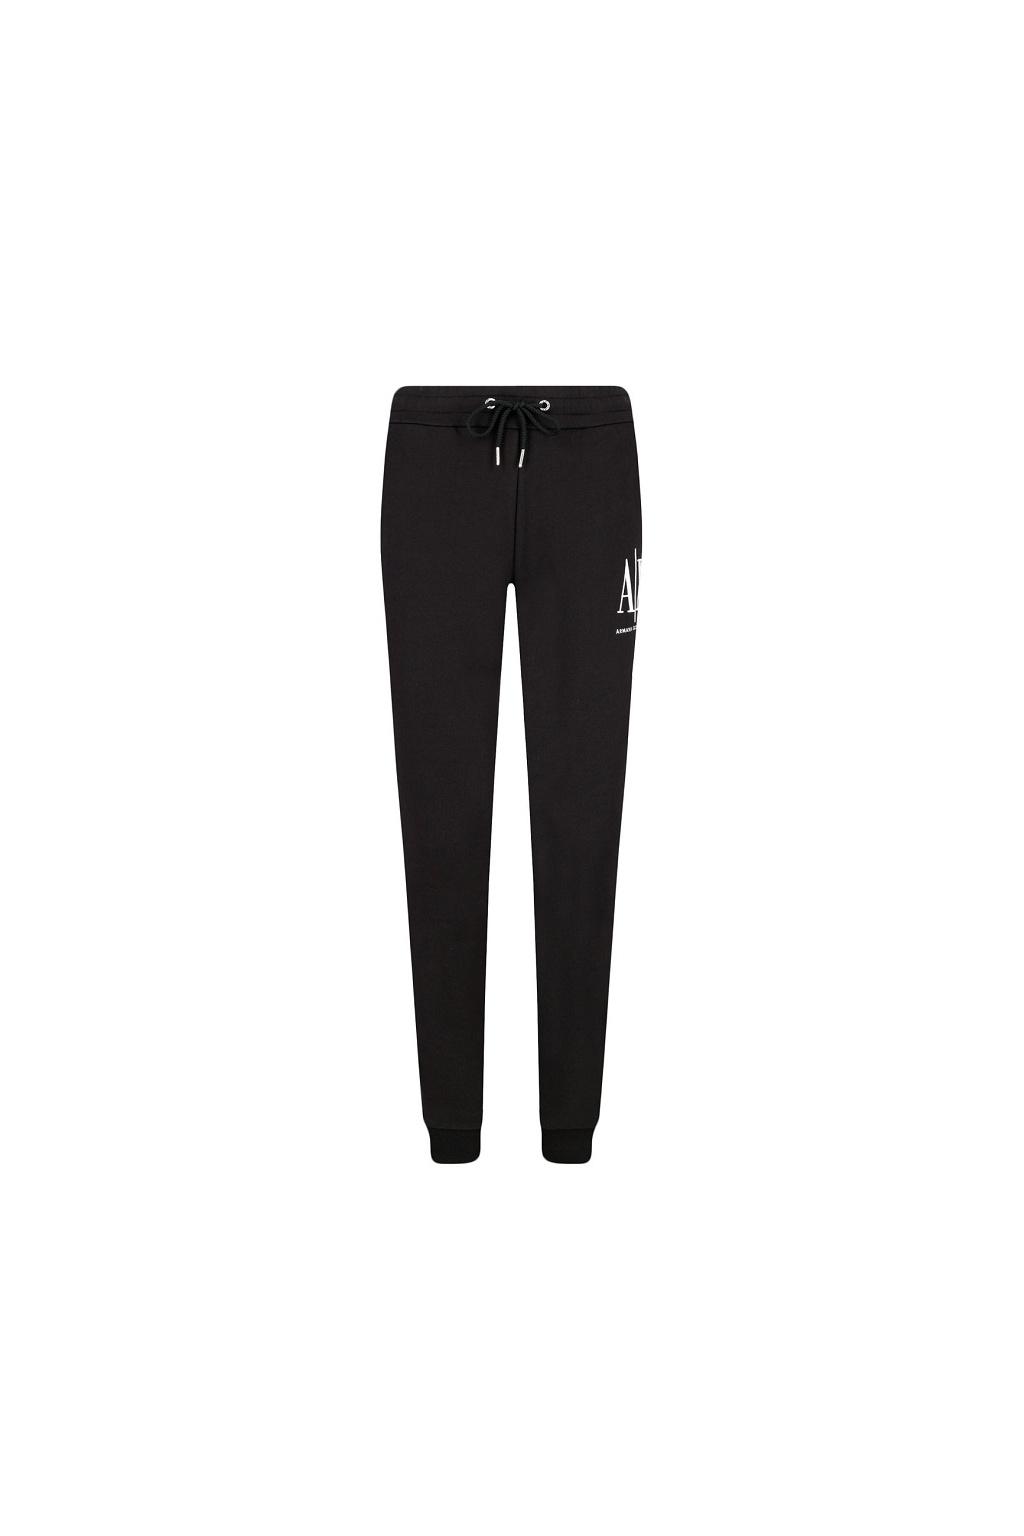 8NYPCX YJ68Z Dámské teplákové kalhoty Armani Exchange černé